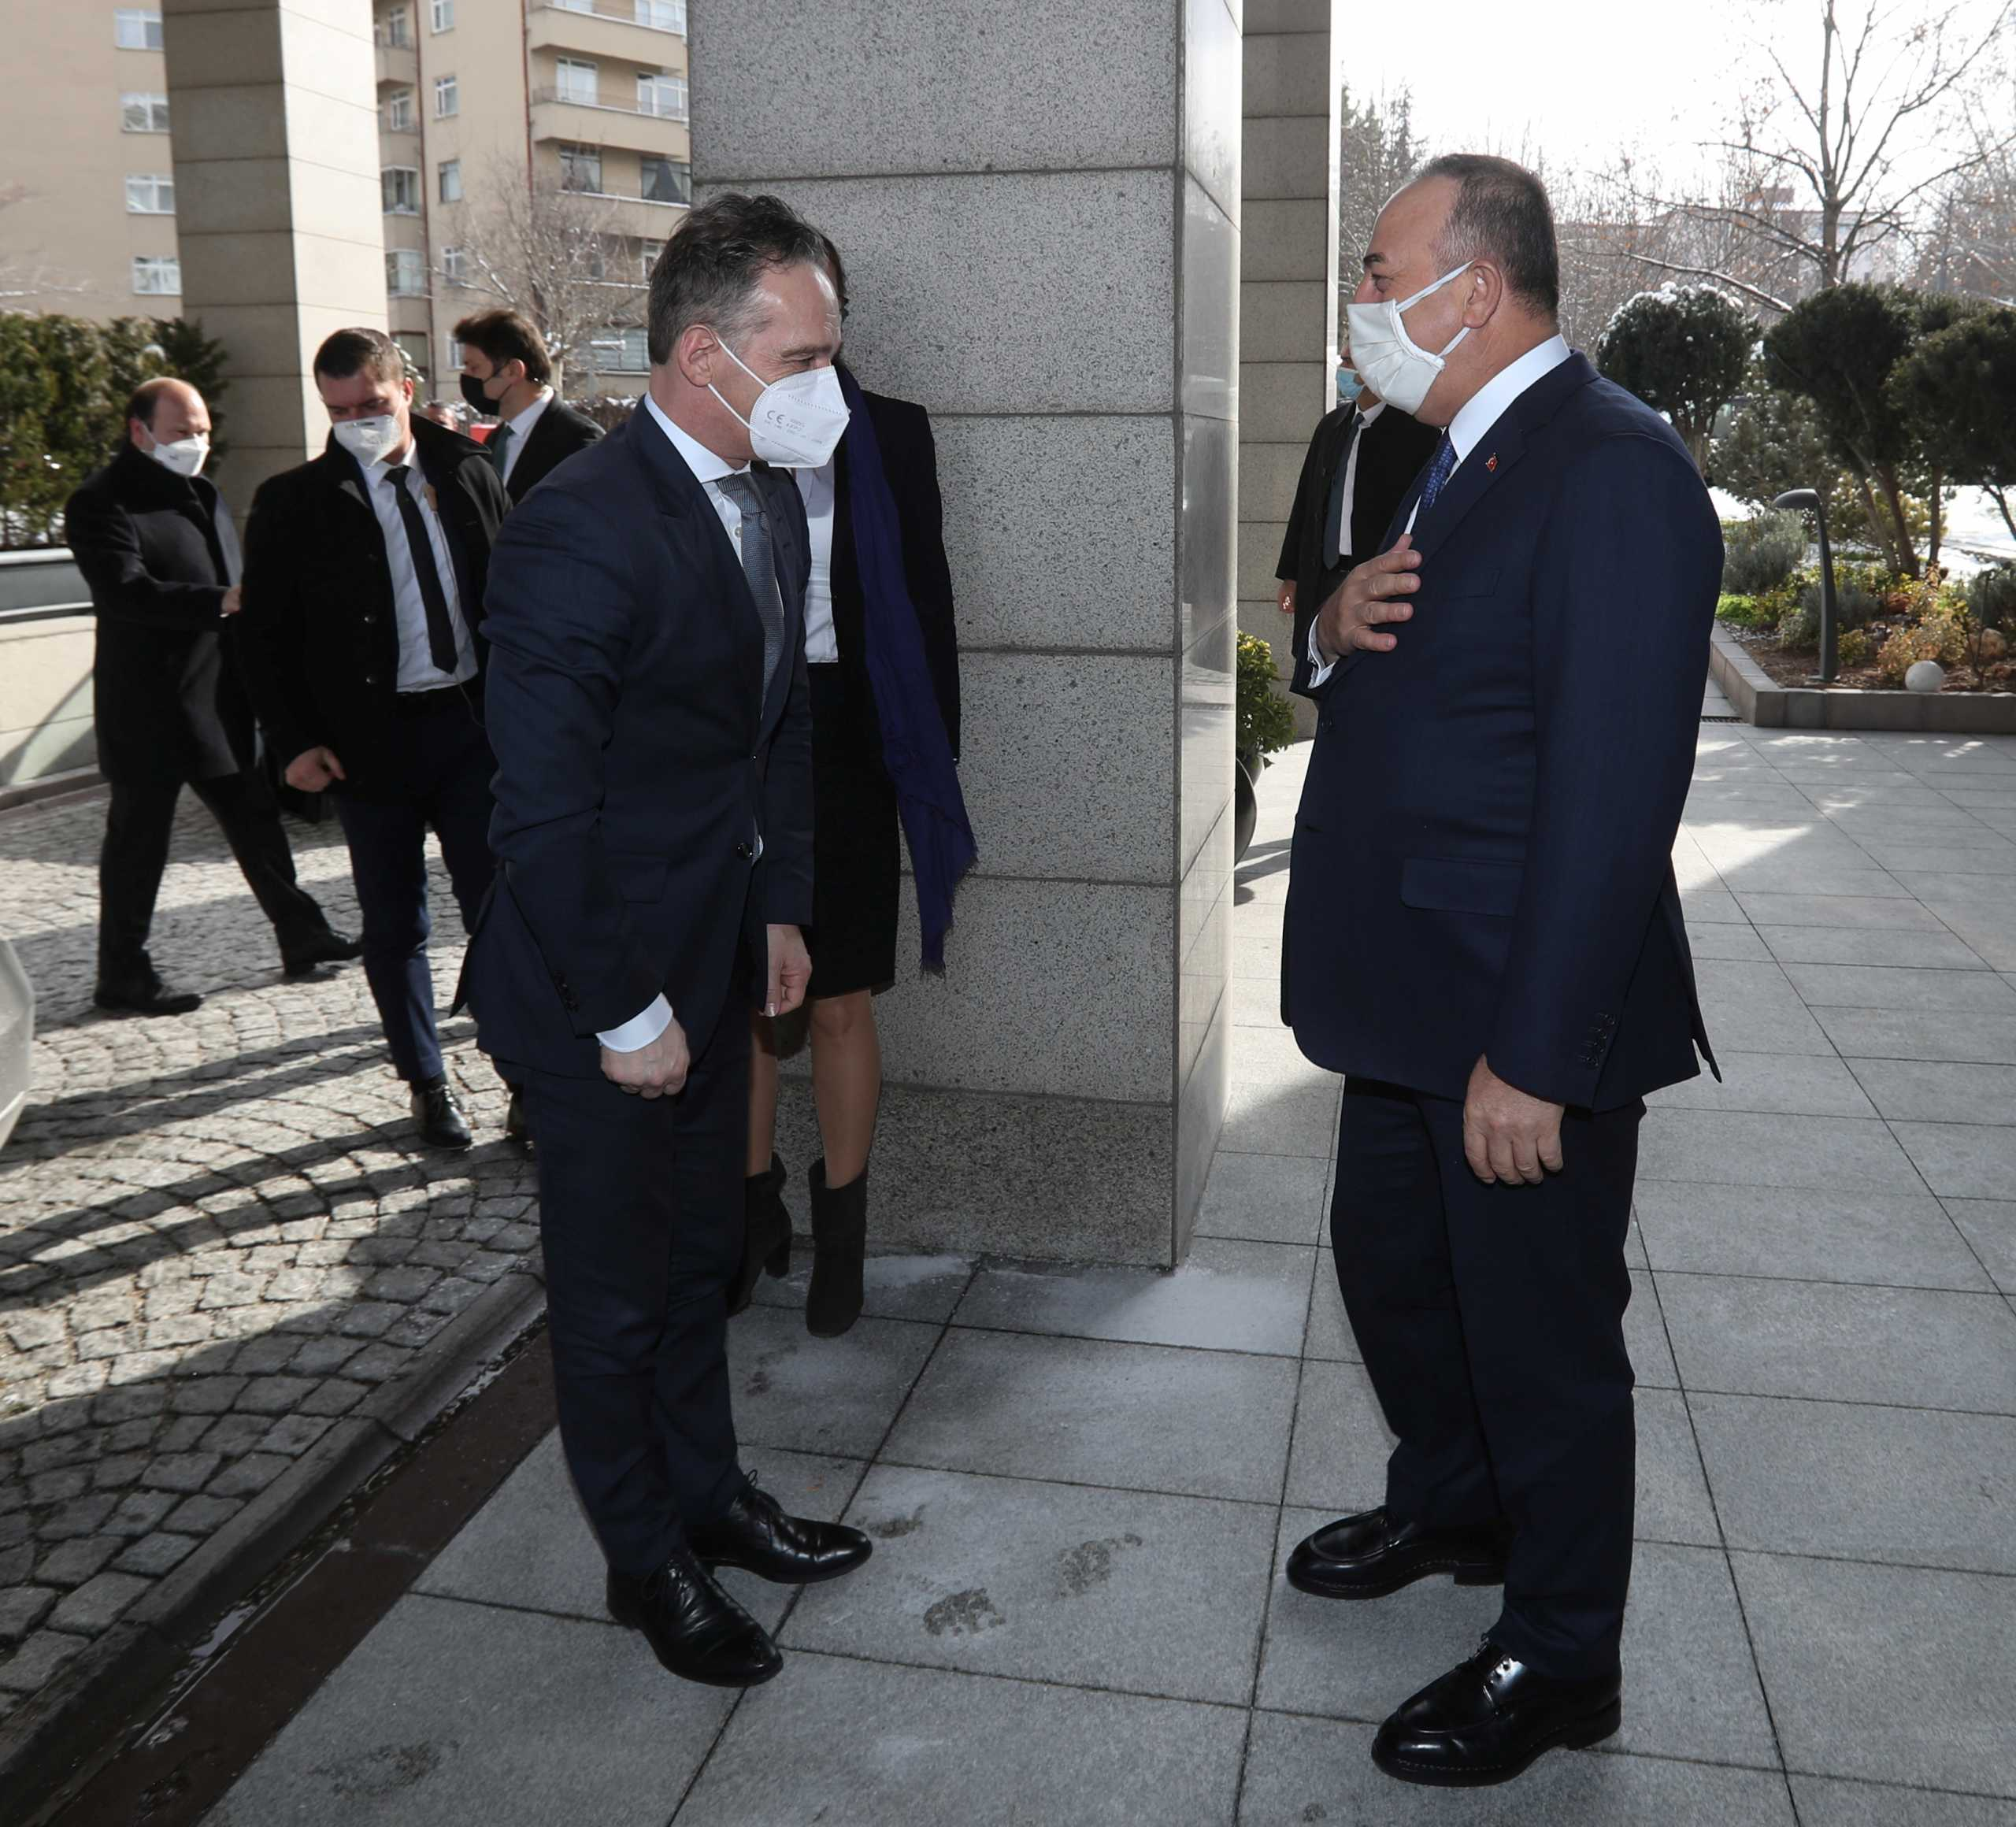 Γερμανία: «Παράθυρο» για διπλωματική λύση οι διερευνητικές επαφές Ελλάδας – Τουρκίας